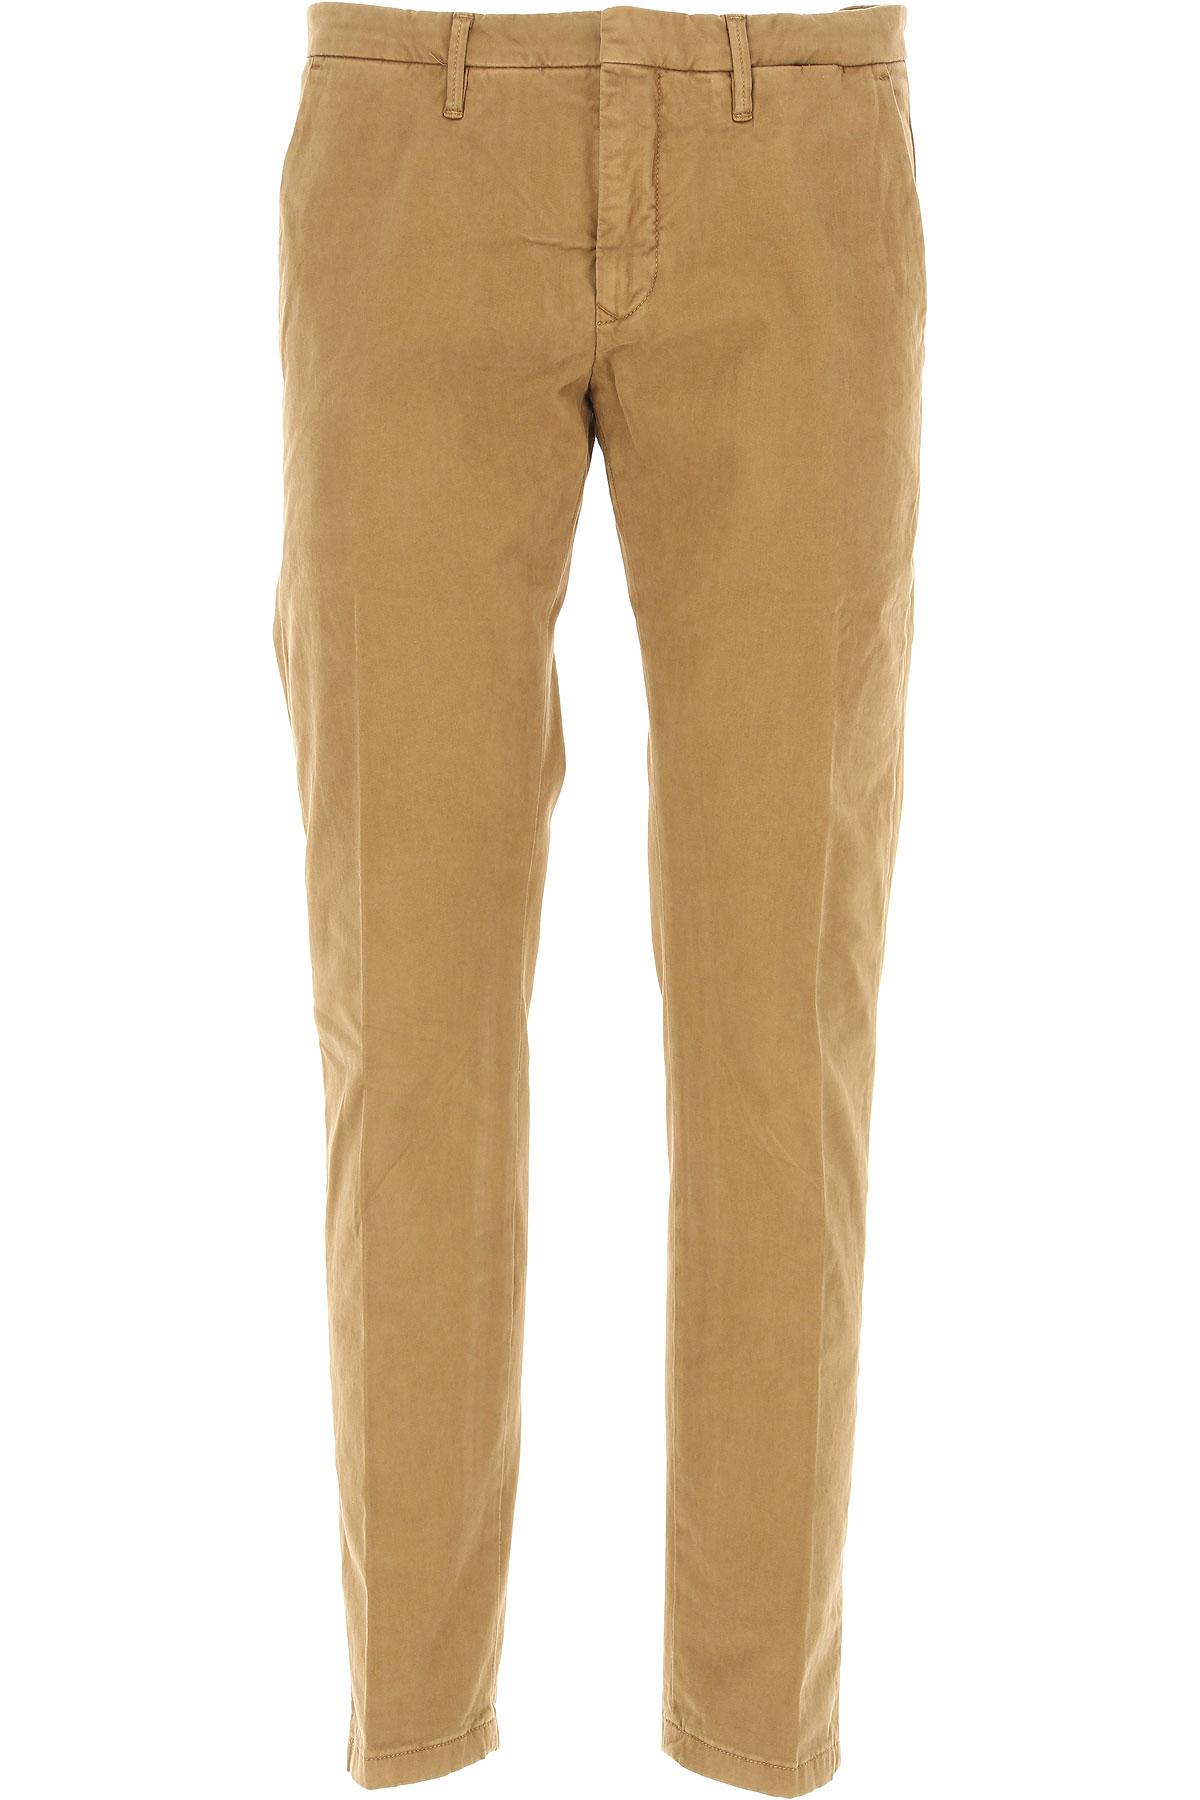 Siviglia Pants for Men On Sale, Camel, Cotton, 2017, 31 34 35